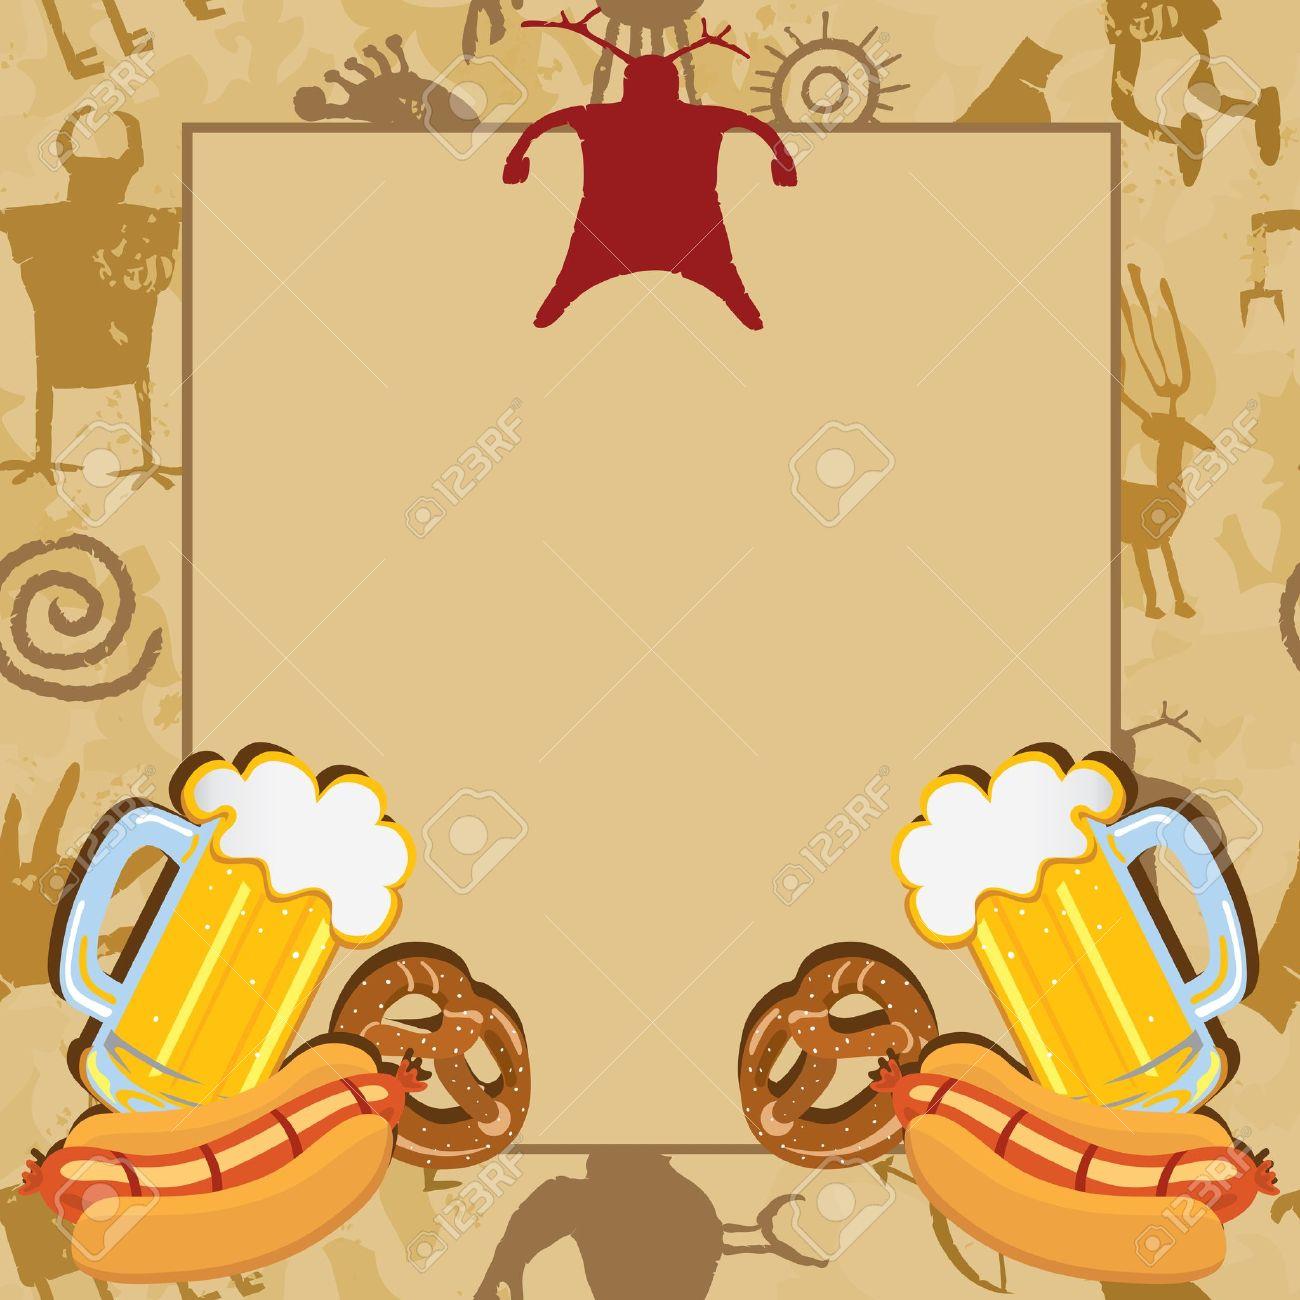 Invitación De La Despedida De Soltero Hombre Cueva Con Pinturas Rupestres De Cerveza Pretzels Y Perritos Calientes